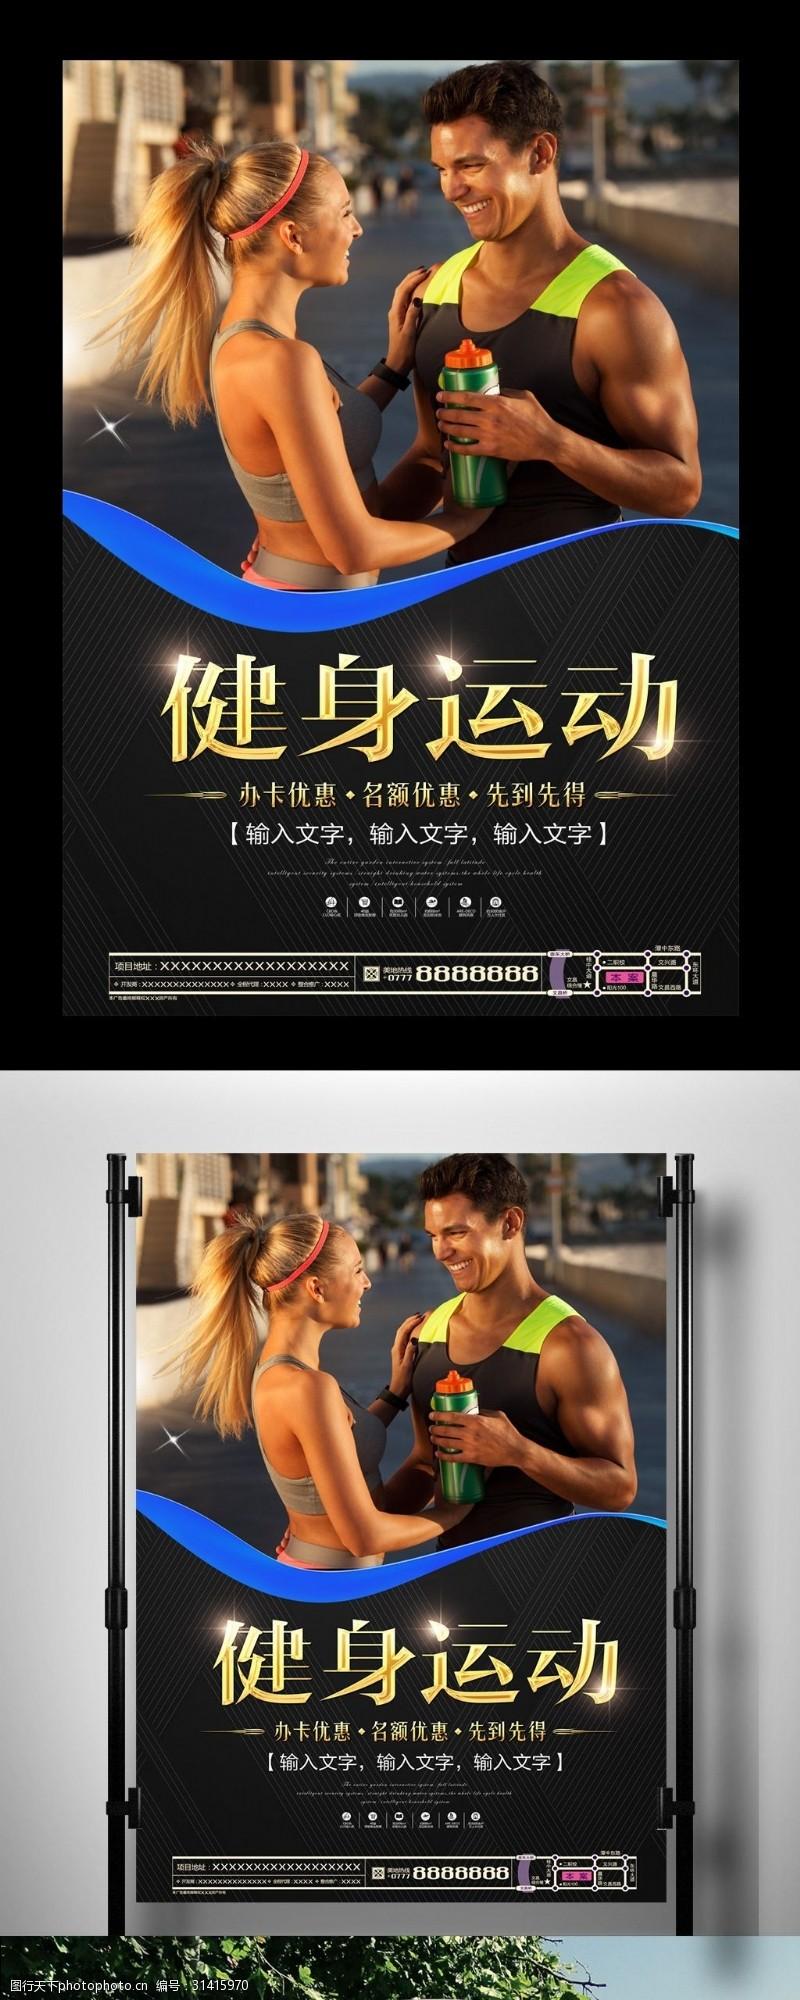 俱乐部宣传海报2017大气体育健身运动海报模板